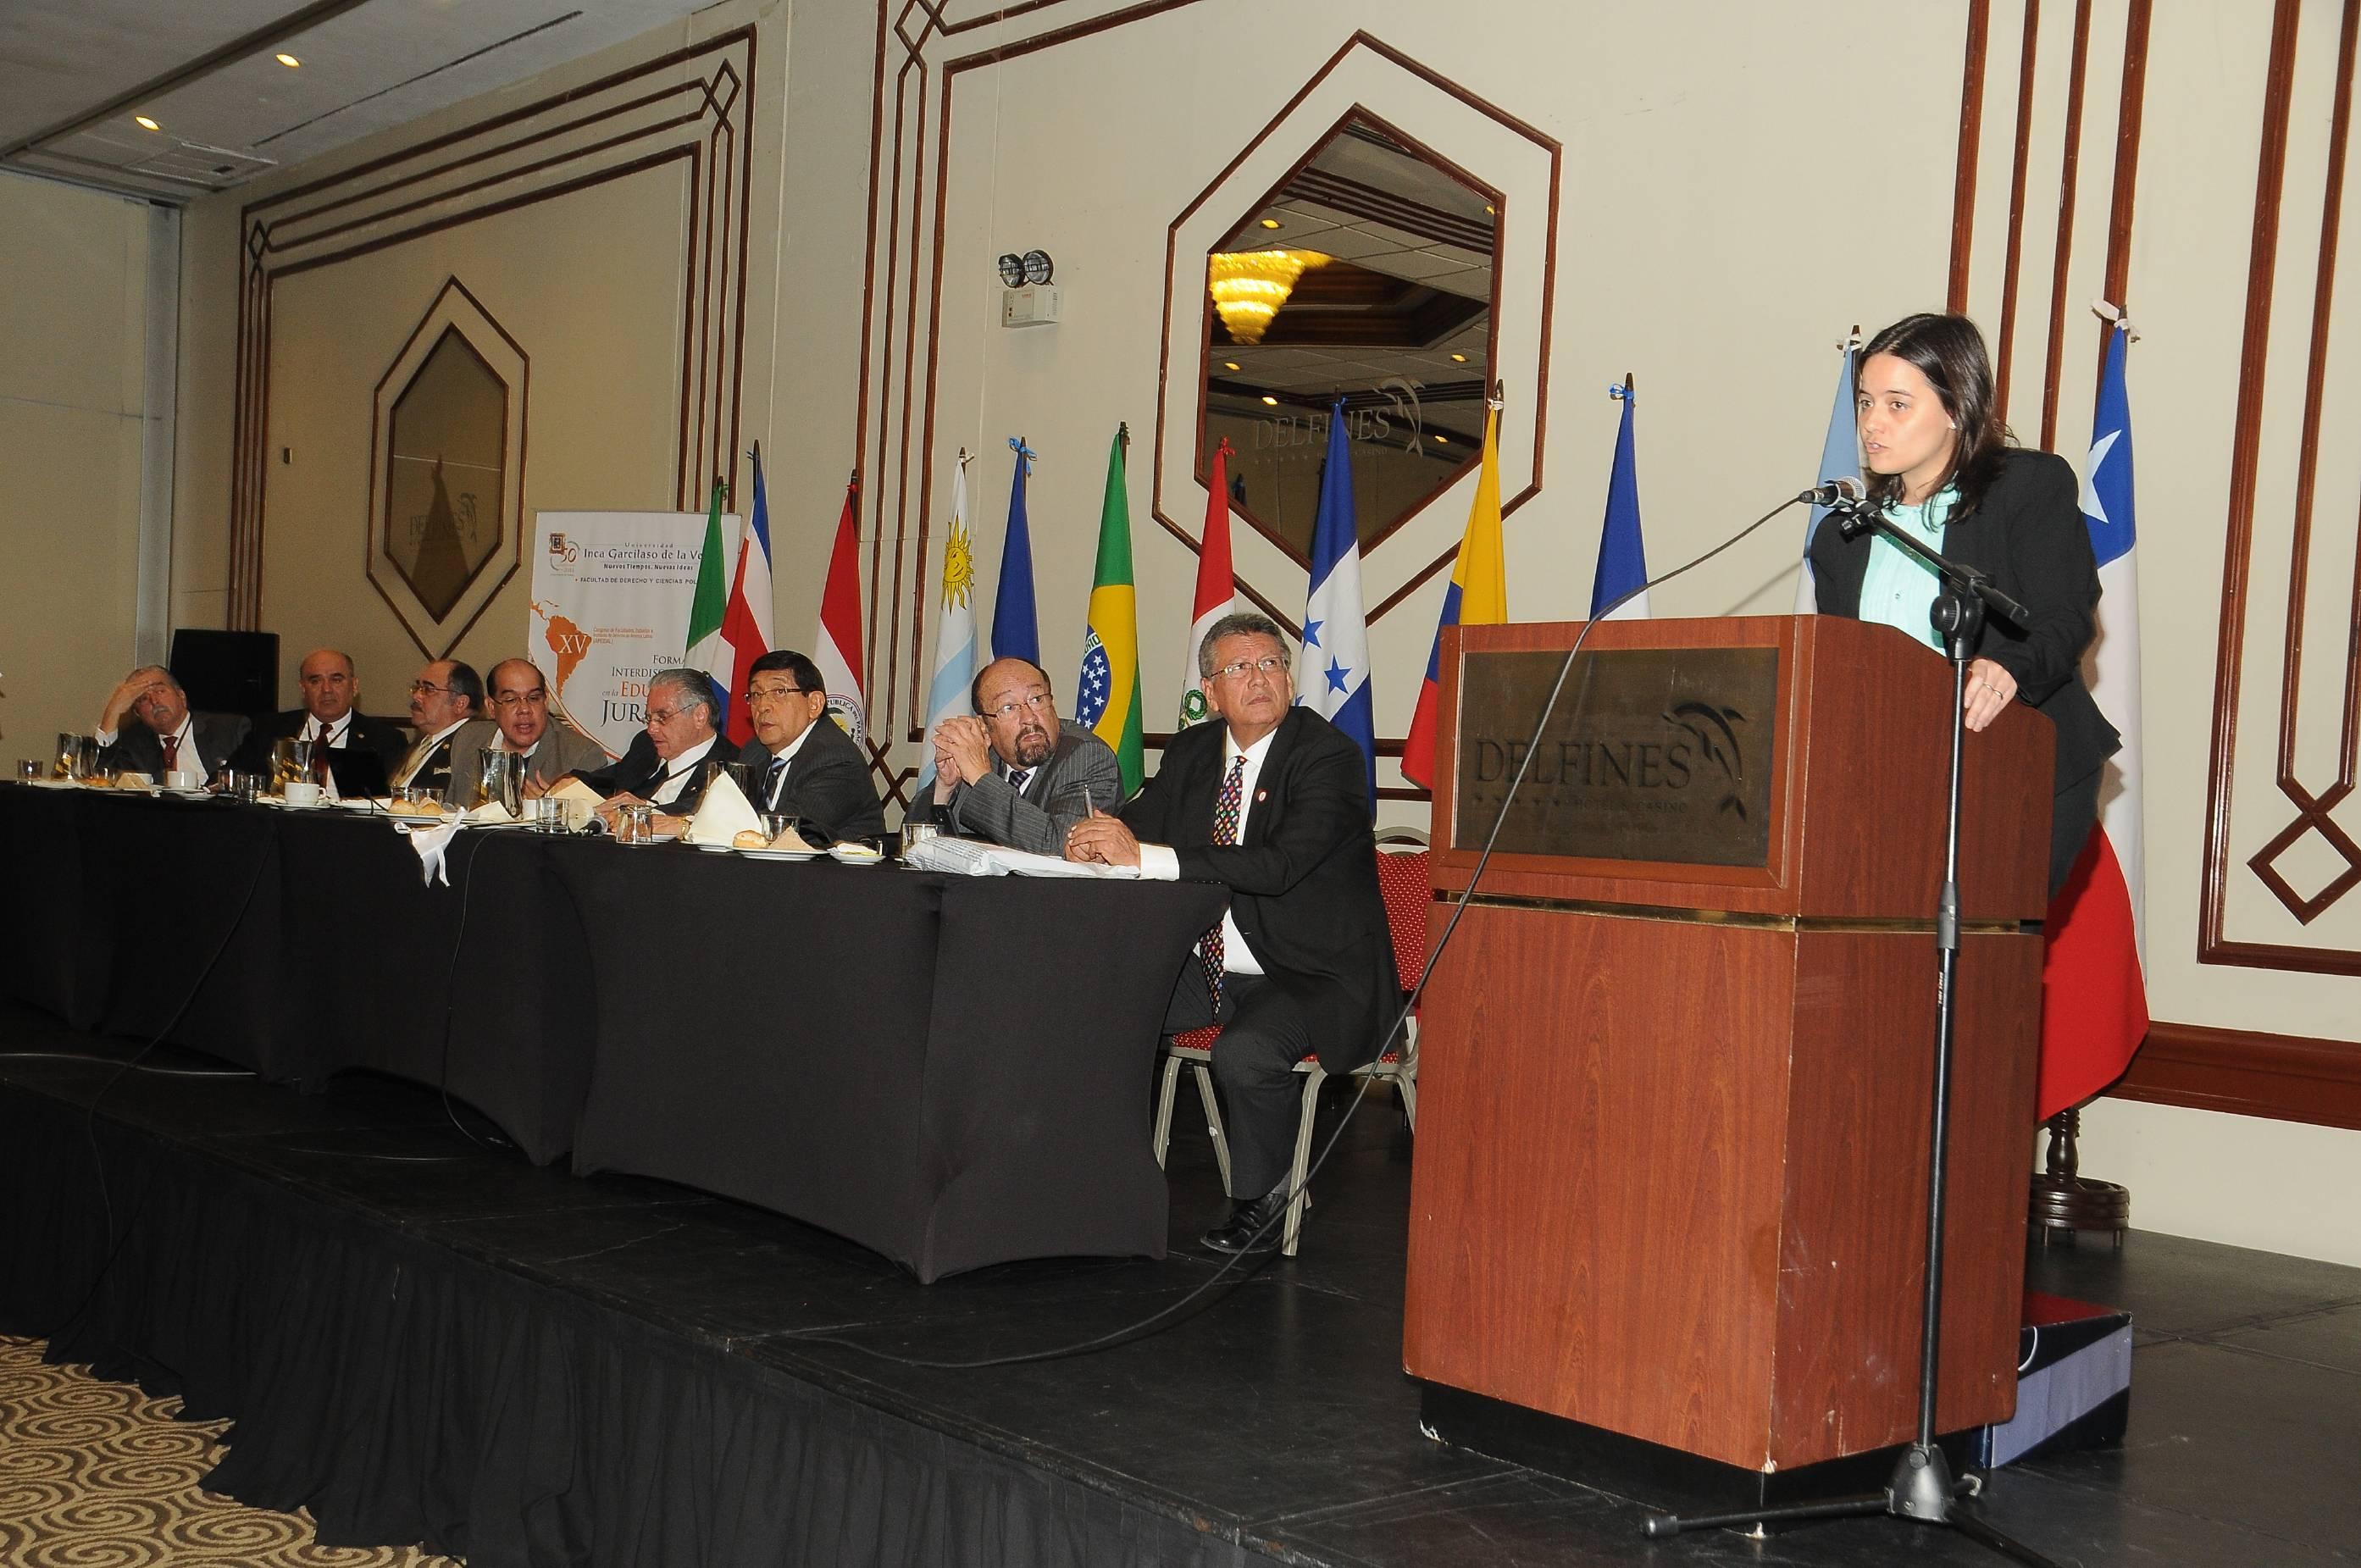 Infojus participó en Perú del XV Congreso Latinoamericano de Facultades de Derecho